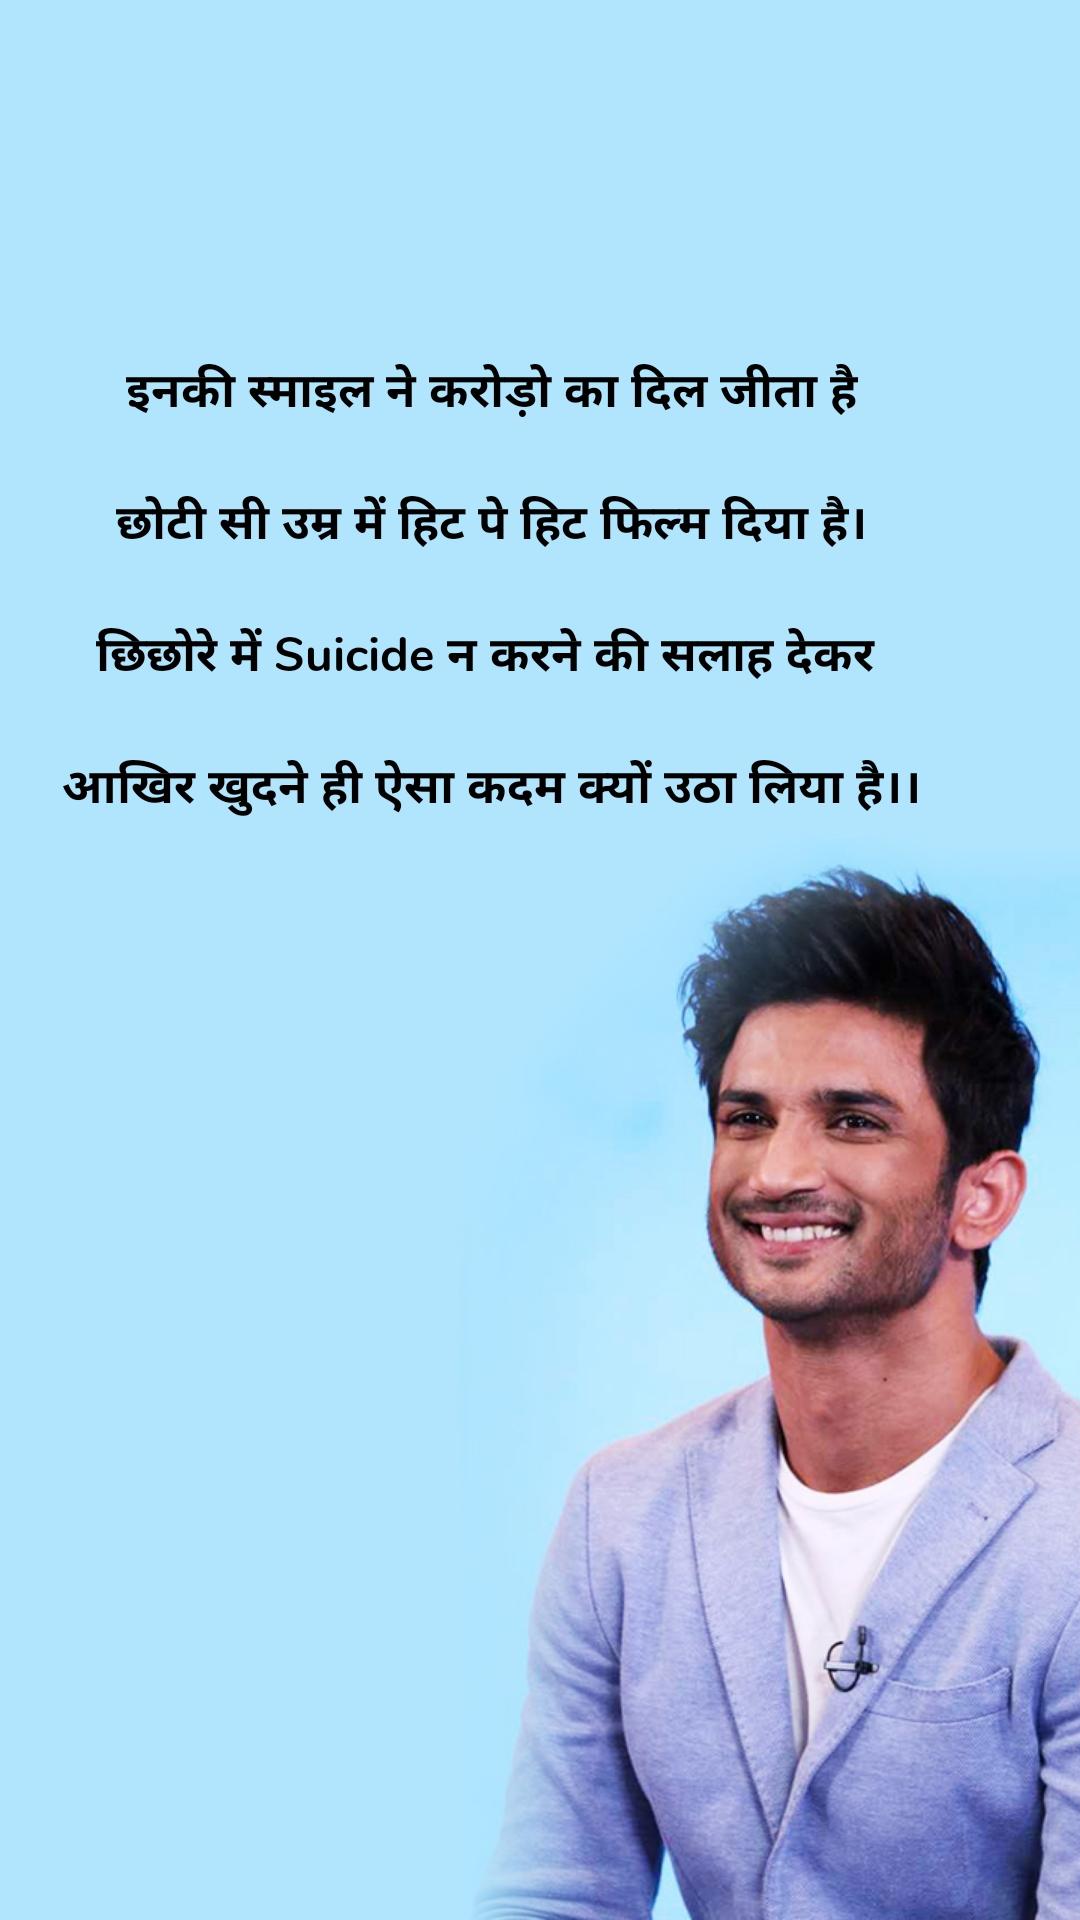 इनकी स्माइल ने करोड़ो का दिल जीता है  छोटी सी उम्र में हिट पे हिट फिल्म दिया है।  छिछोरे में Suicide न करने की सलाह देकर   आखिर खुदने ही ऐसा कदम क्यों उठा लिया है।।